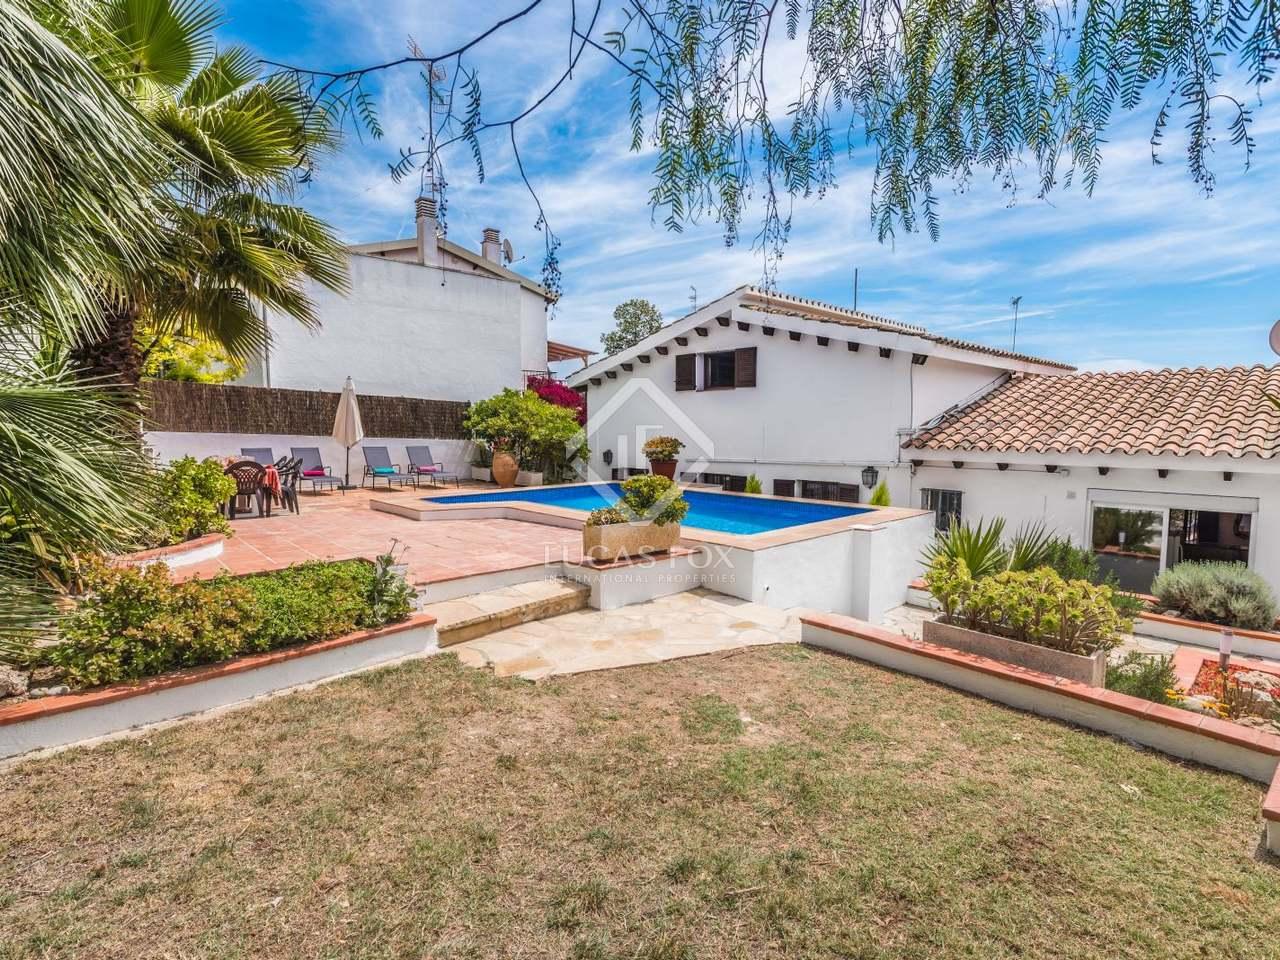 Casa de 4 dormitorios con piscina en venta en vallpineda Villa jardin donde queda